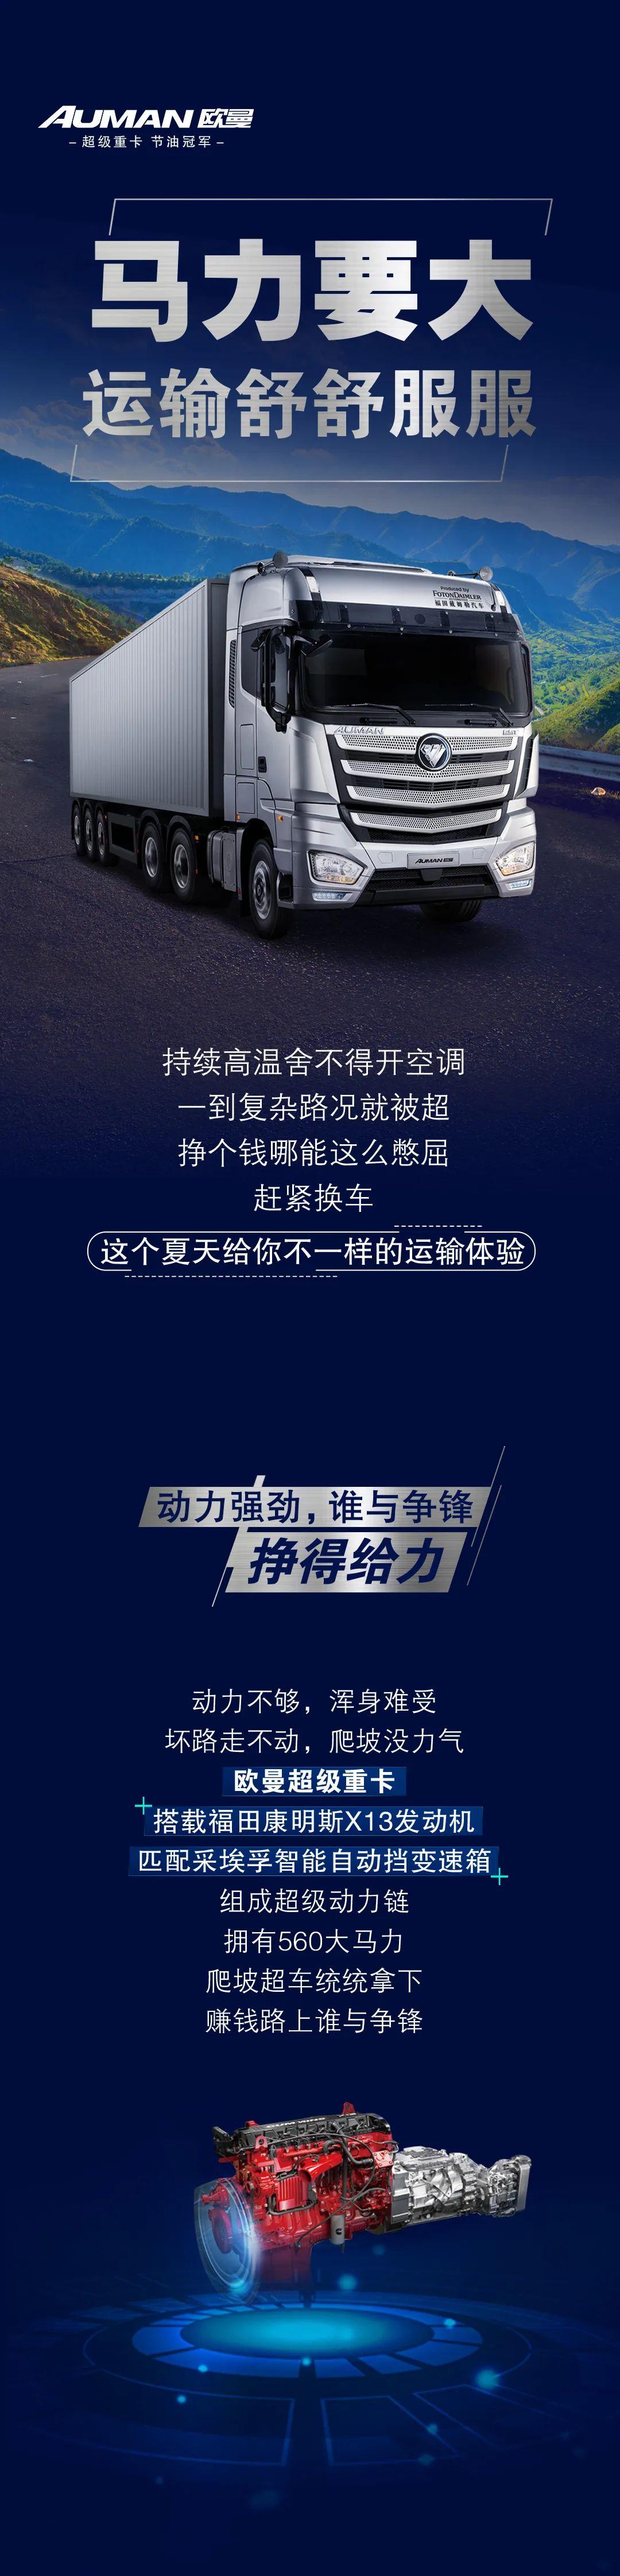 欧曼超级重卡+福康X13+采埃孚 动力强劲 谁与争锋!